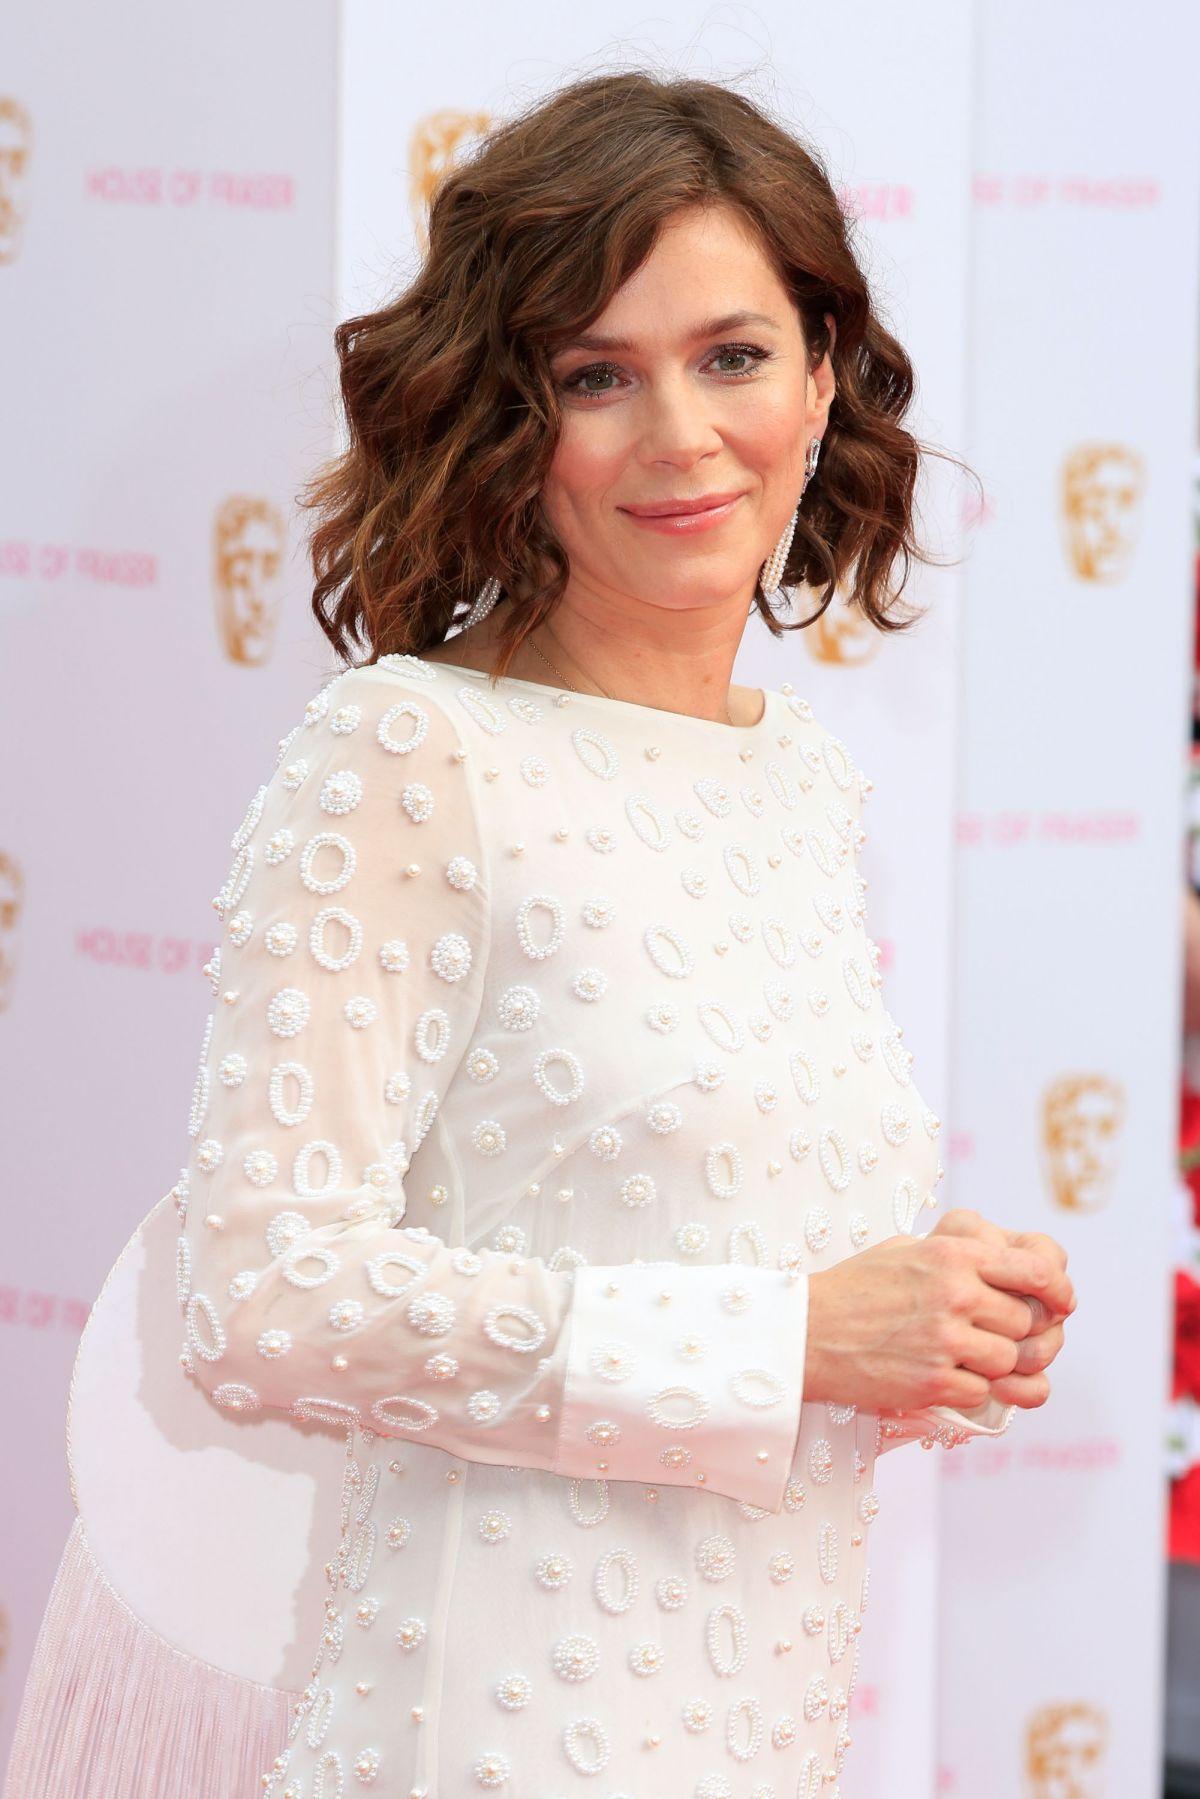 ANNA FRIEL at BAFTA 2015 Awards in London